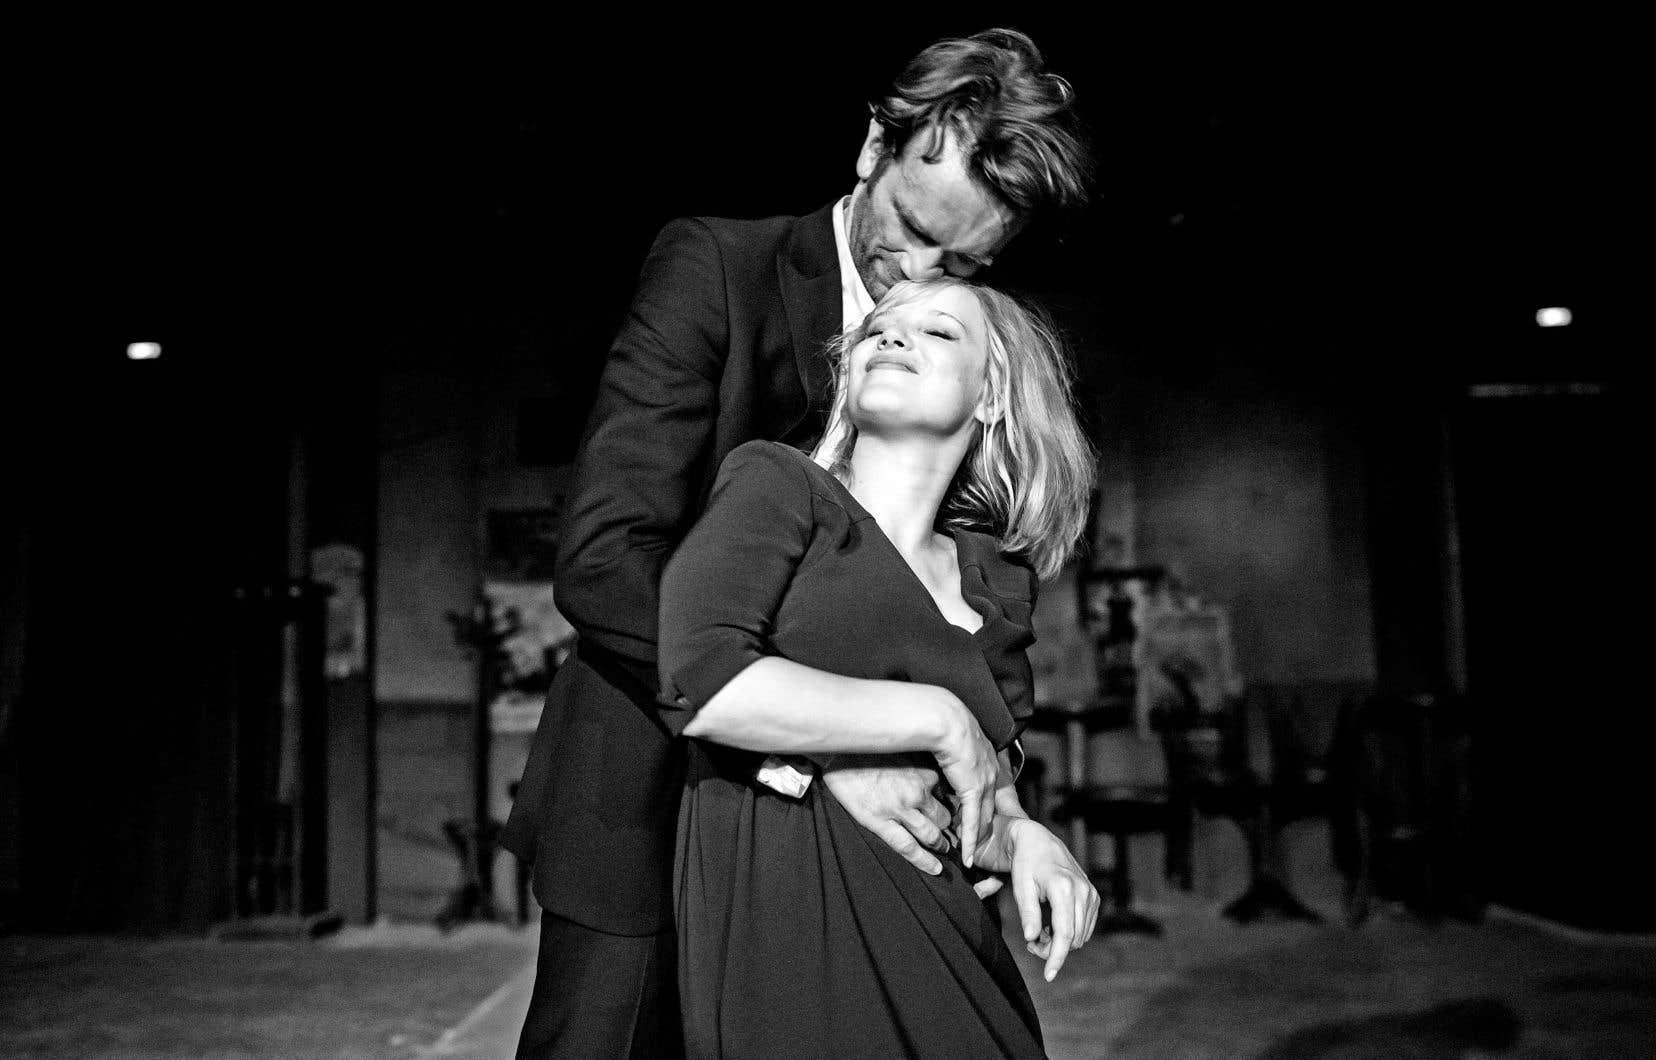 Les comédiens polonais Tomasz Kot et Joanna Kulig